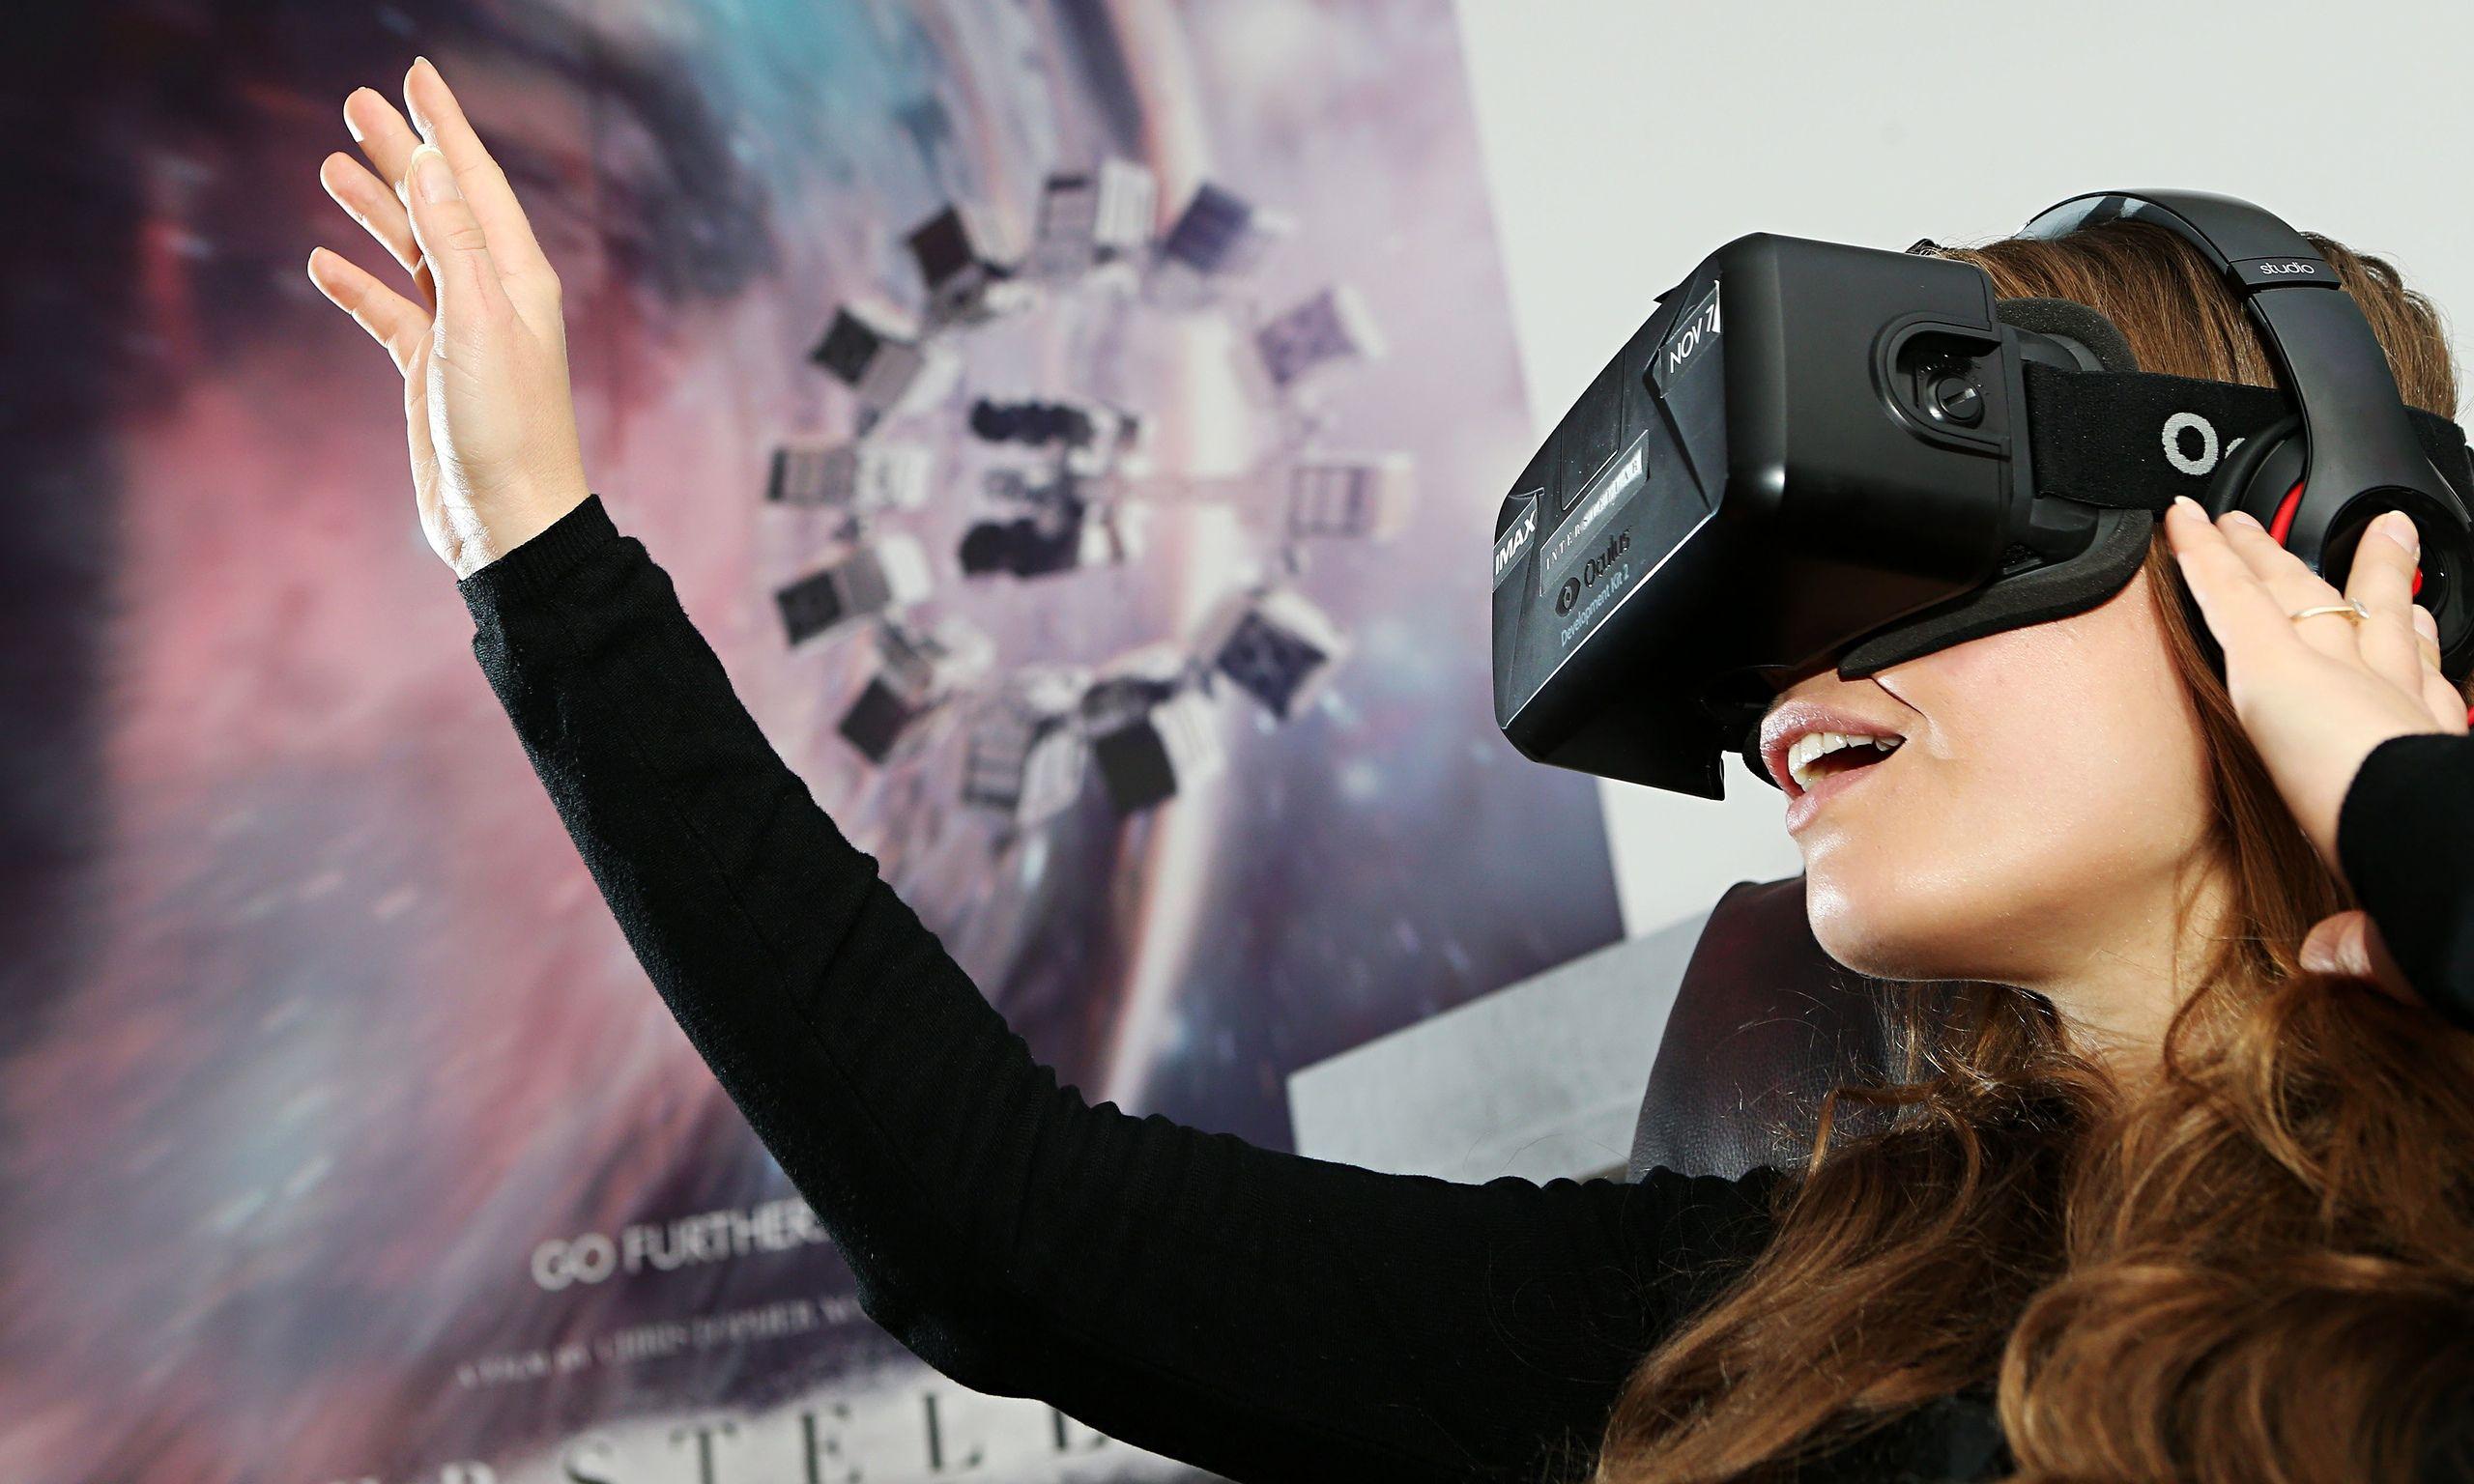 Скидки до 60% на игры в клубе виртуальной реальности «Гравити-17» фото 1